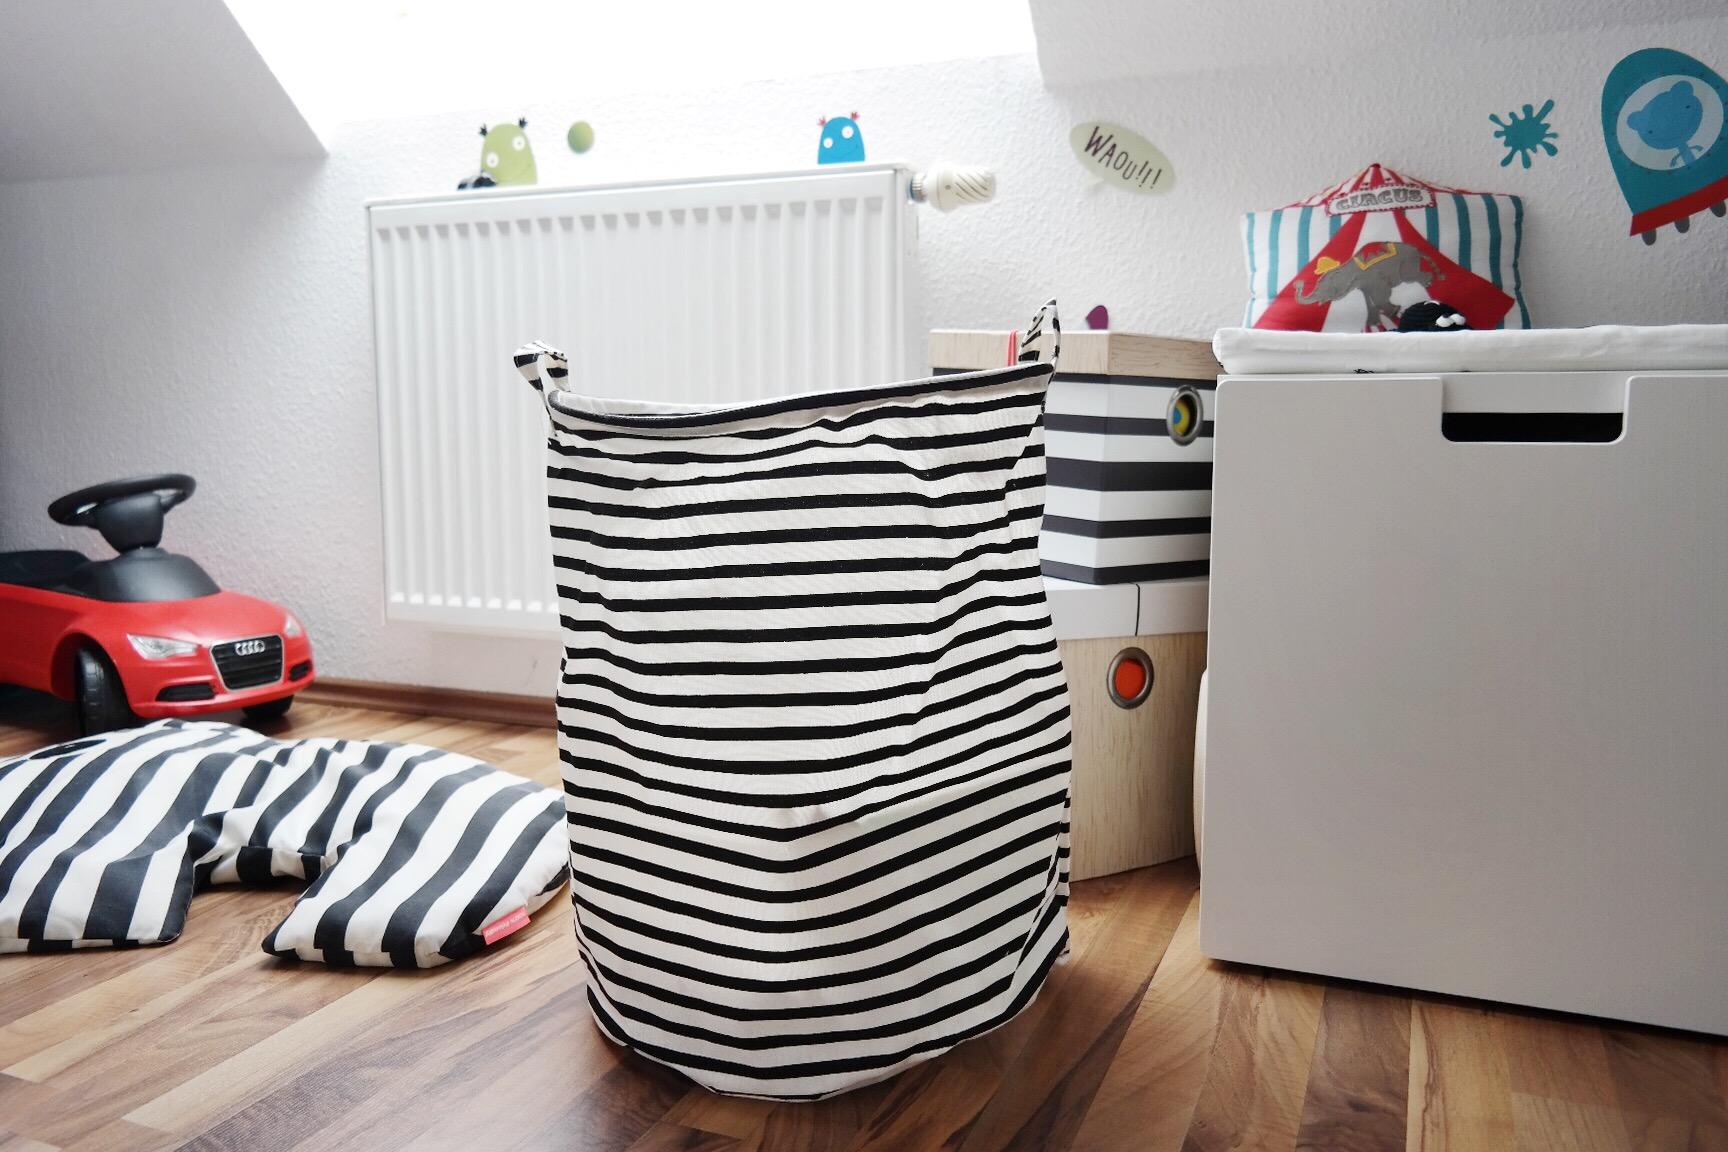 Full Size of Kinderzimmer Einrichten Junge Baby Wohin Mit All Den Spielsachen Kleine Küche Regal Weiß Badezimmer Sofa Regale Kinderzimmer Kinderzimmer Einrichten Junge